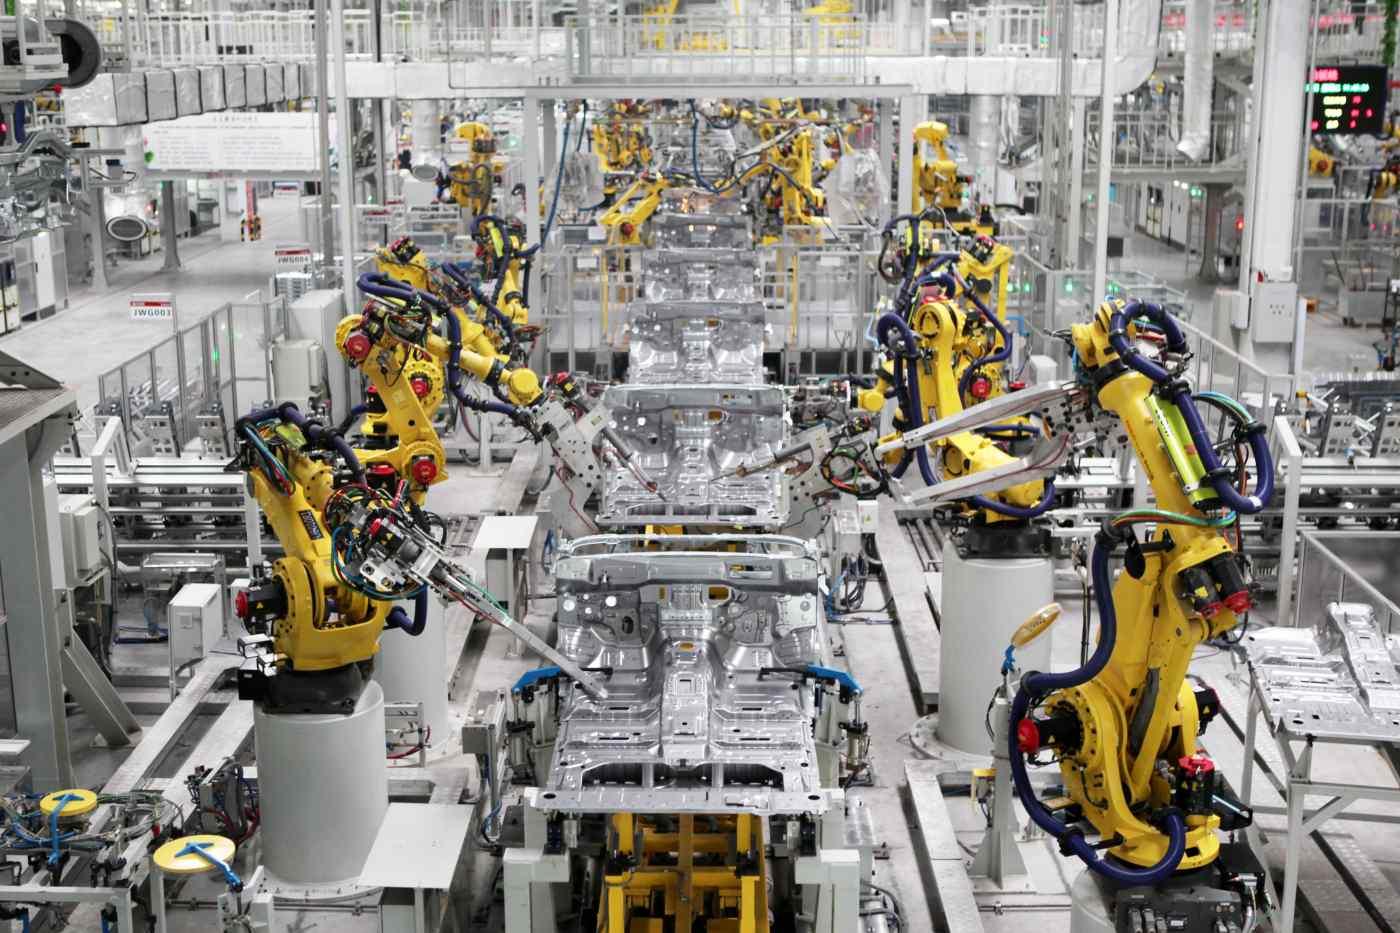 Doanh số bán xe của Trung Quốc trong tháng 7 đã giảm trong tháng thứ ba liên tiếp, một phần trạng thái thiếu chip toàn cầu. © Reuters